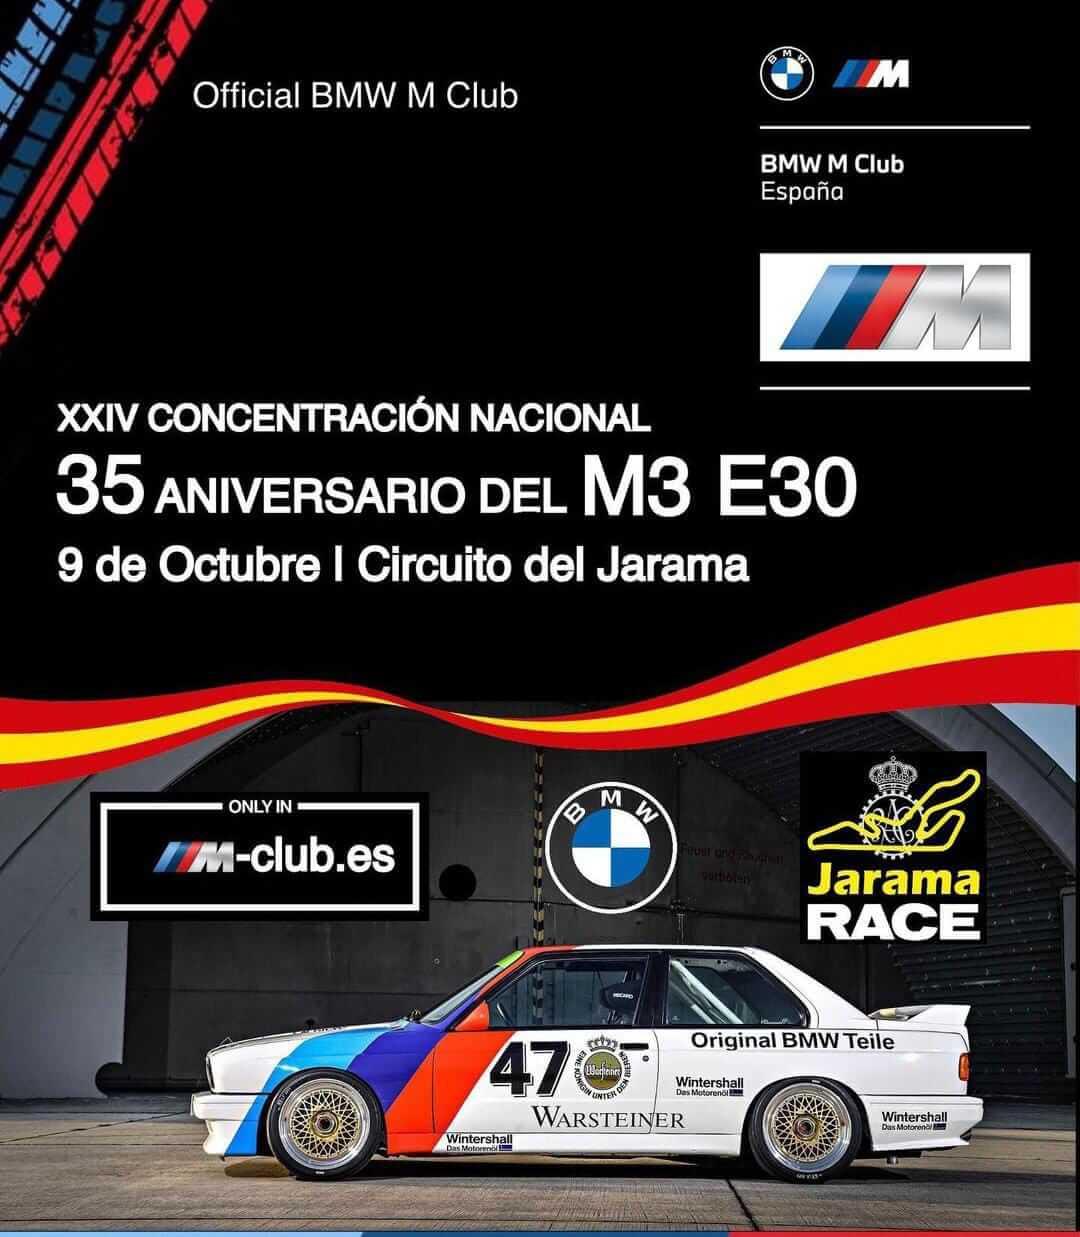 Concentración BMW M3 E30 en Madrid